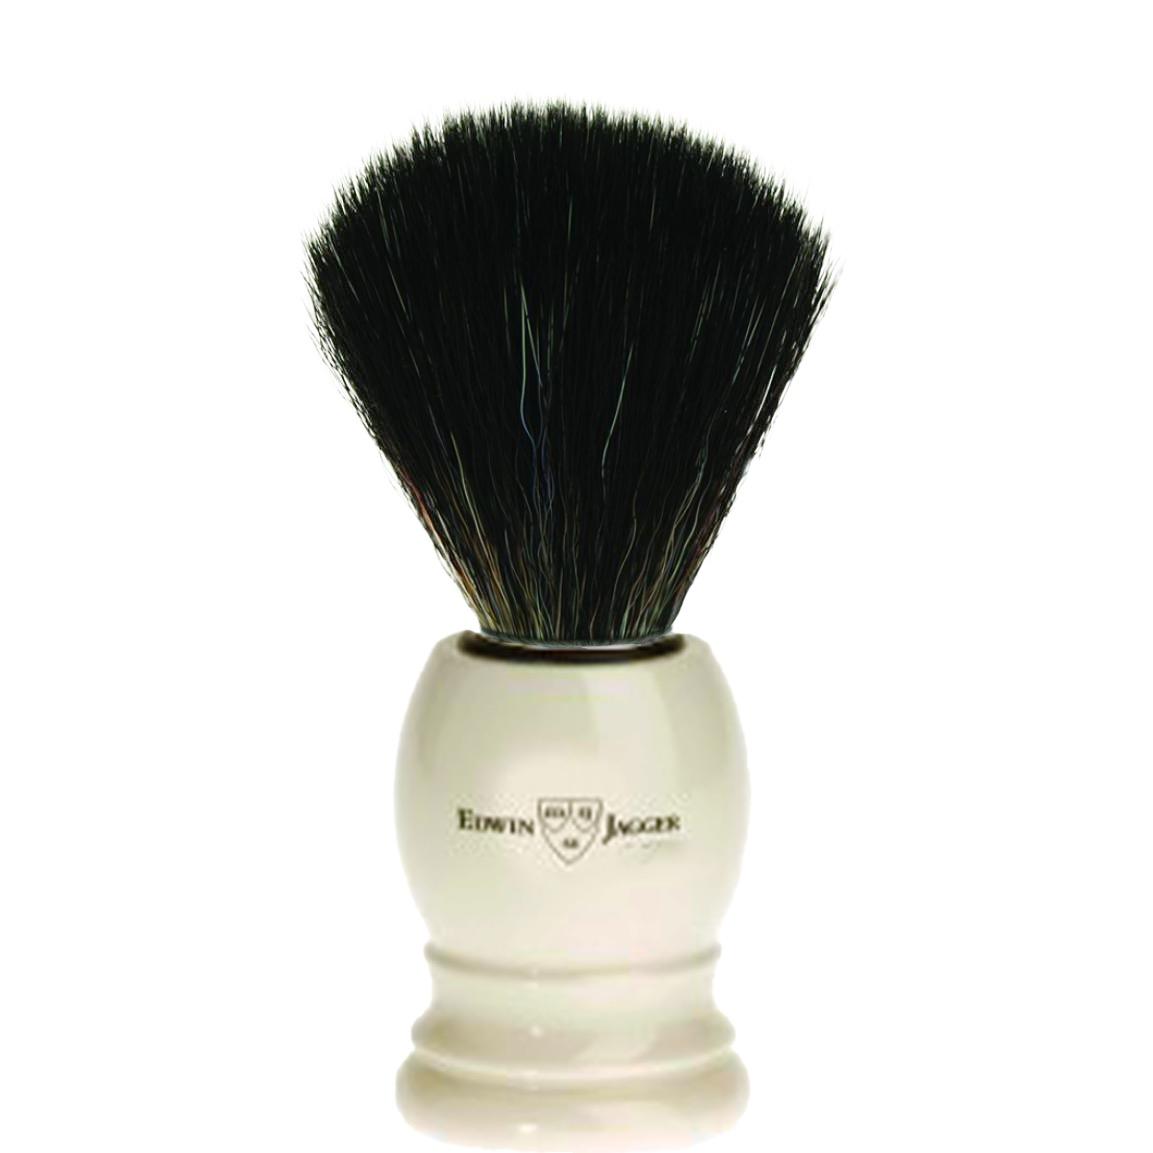 Scheerkwast Basic - Black Fibre - ivoor